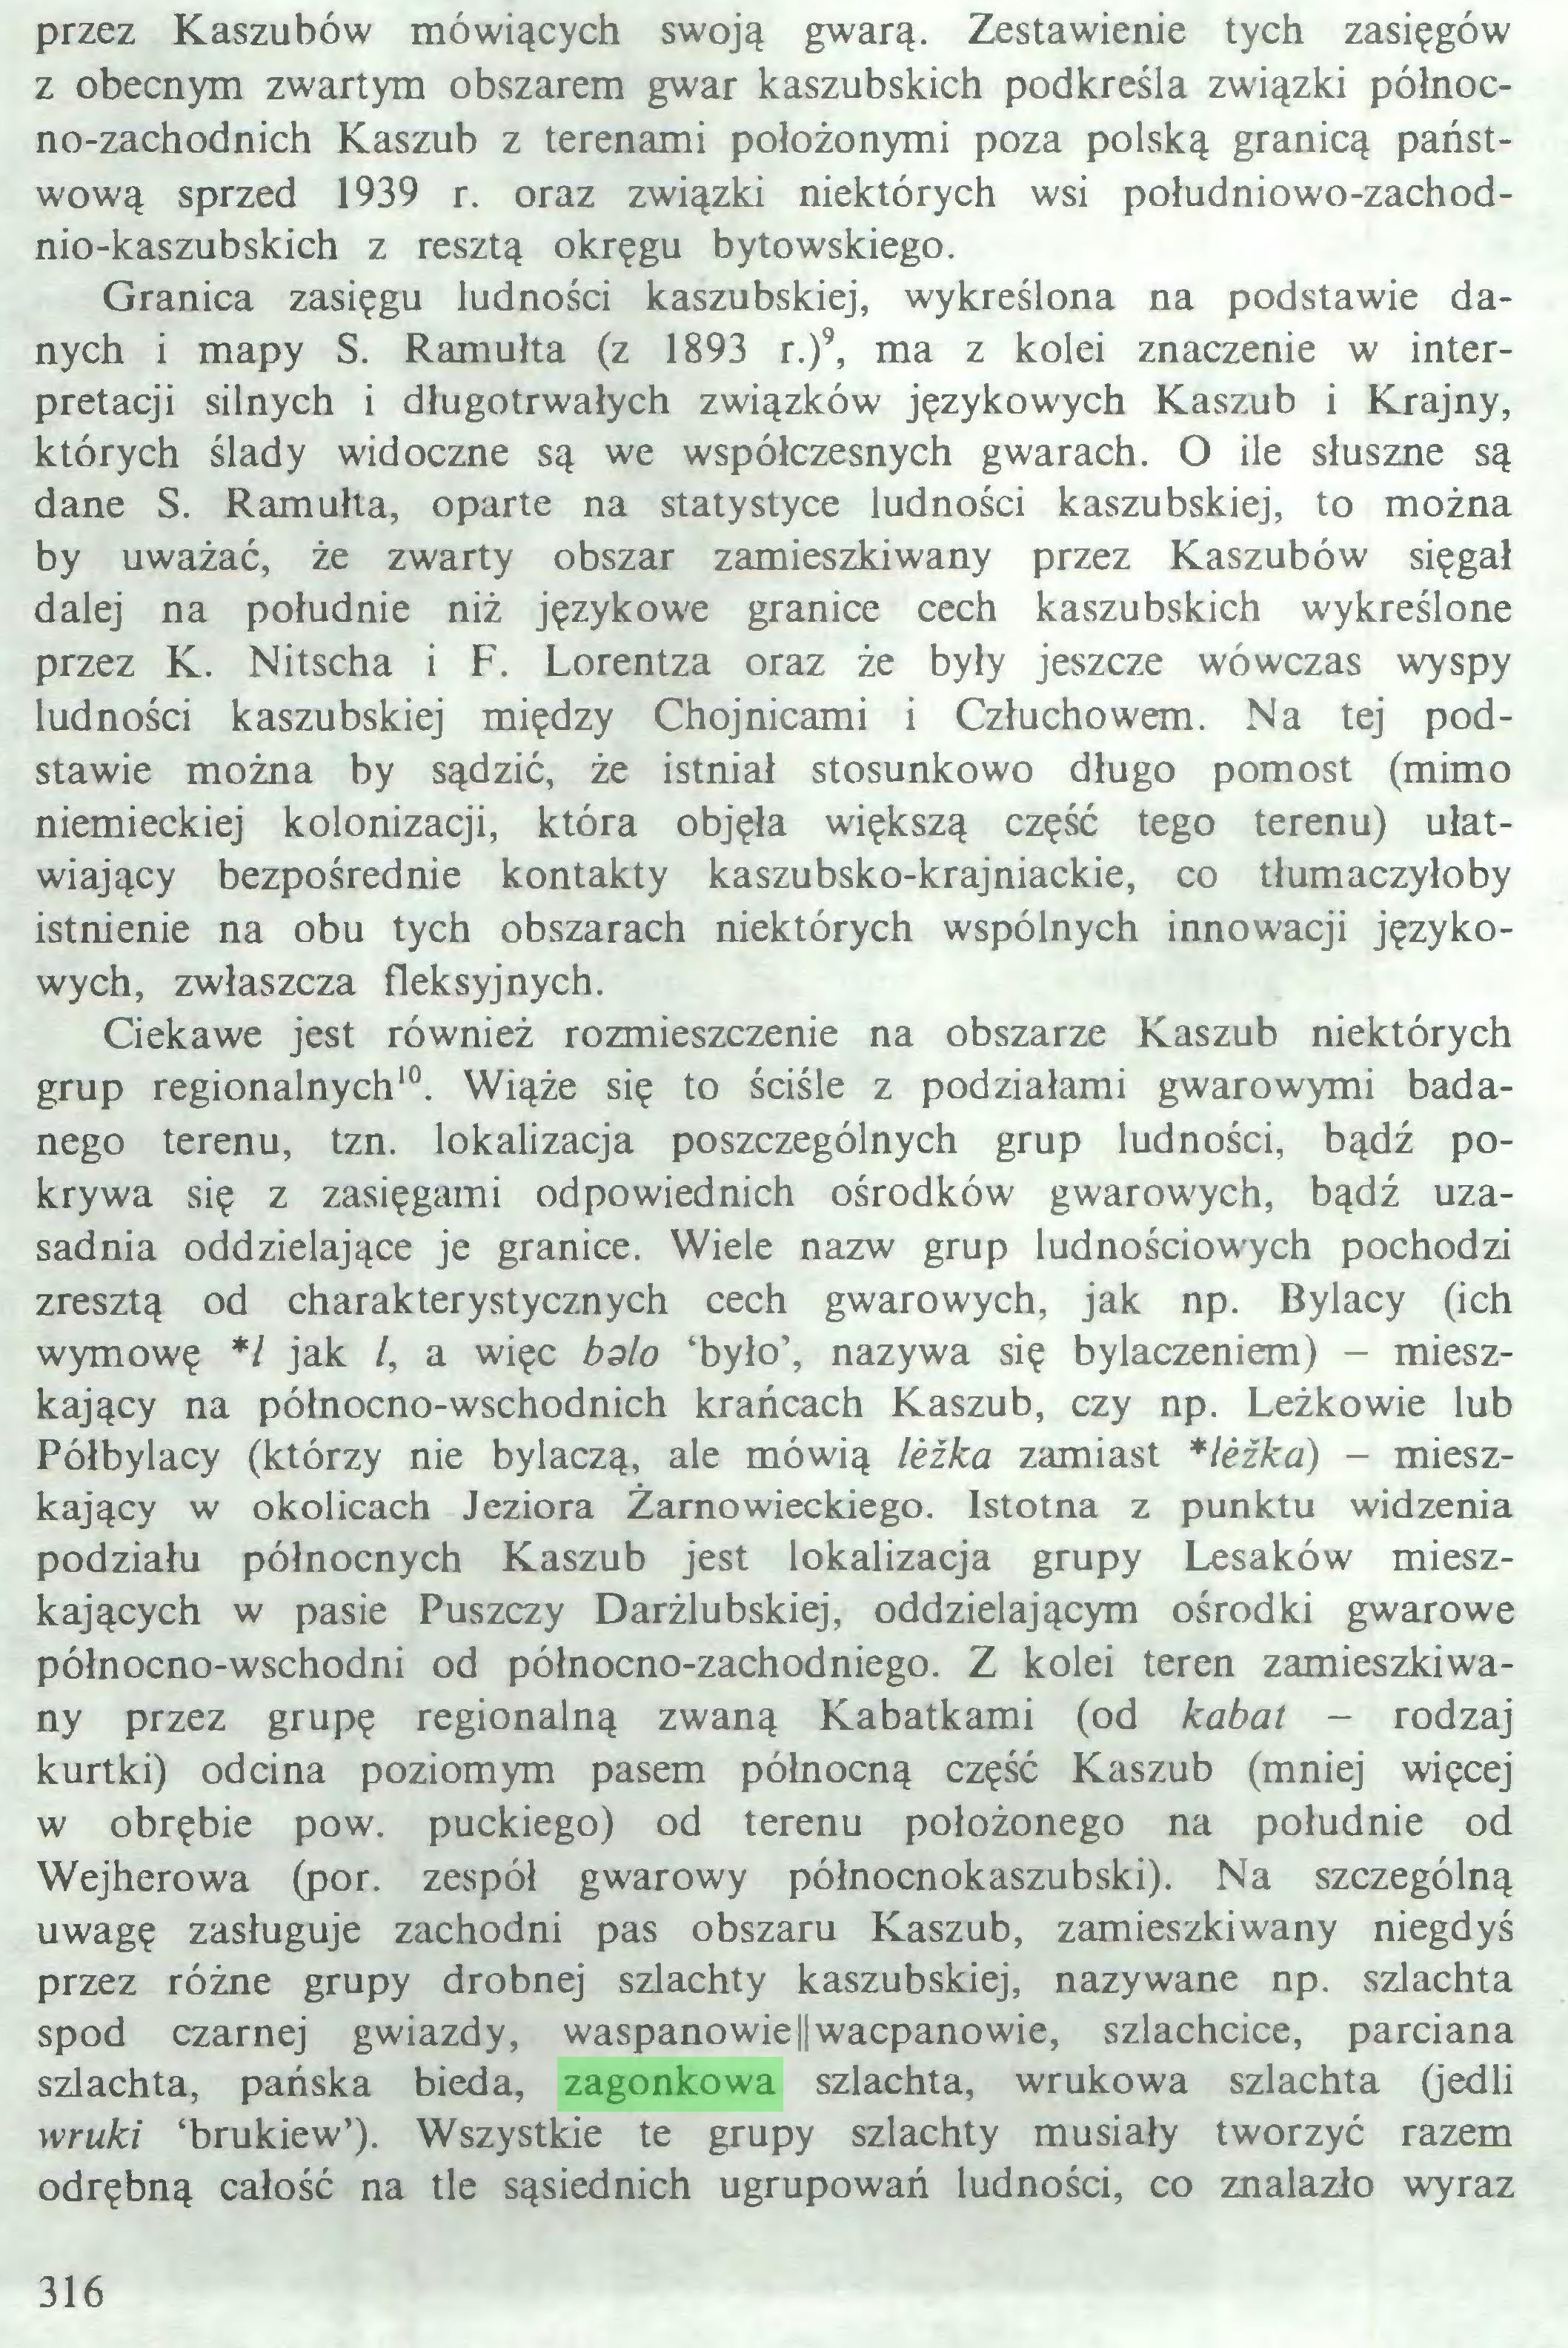 (...) Wejherowa (por. zespół gwarowy północnokaszubski). Na szczególną uwagę zasługuje zachodni pas obszaru Kaszub, zamieszkiwany niegdyś przez różne grupy drobnej szlachty kaszubskiej, nazywane np. szlachta spod czarnej gwiazdy, waspanowie||wacpanowie, szlachcice, parciana szlachta, pańska bieda, zagonkowa szlachta, wrukowa szlachta (jedli wruki 'brukiew'). Wszystkie te grupy szlachty musiały tworzyć razem odrębną całość na tle sąsiednich ugrupowań ludności, co znalazło wyraz 316 również we wspólnych odrębnościach językowych (por. zespół gwarowy...